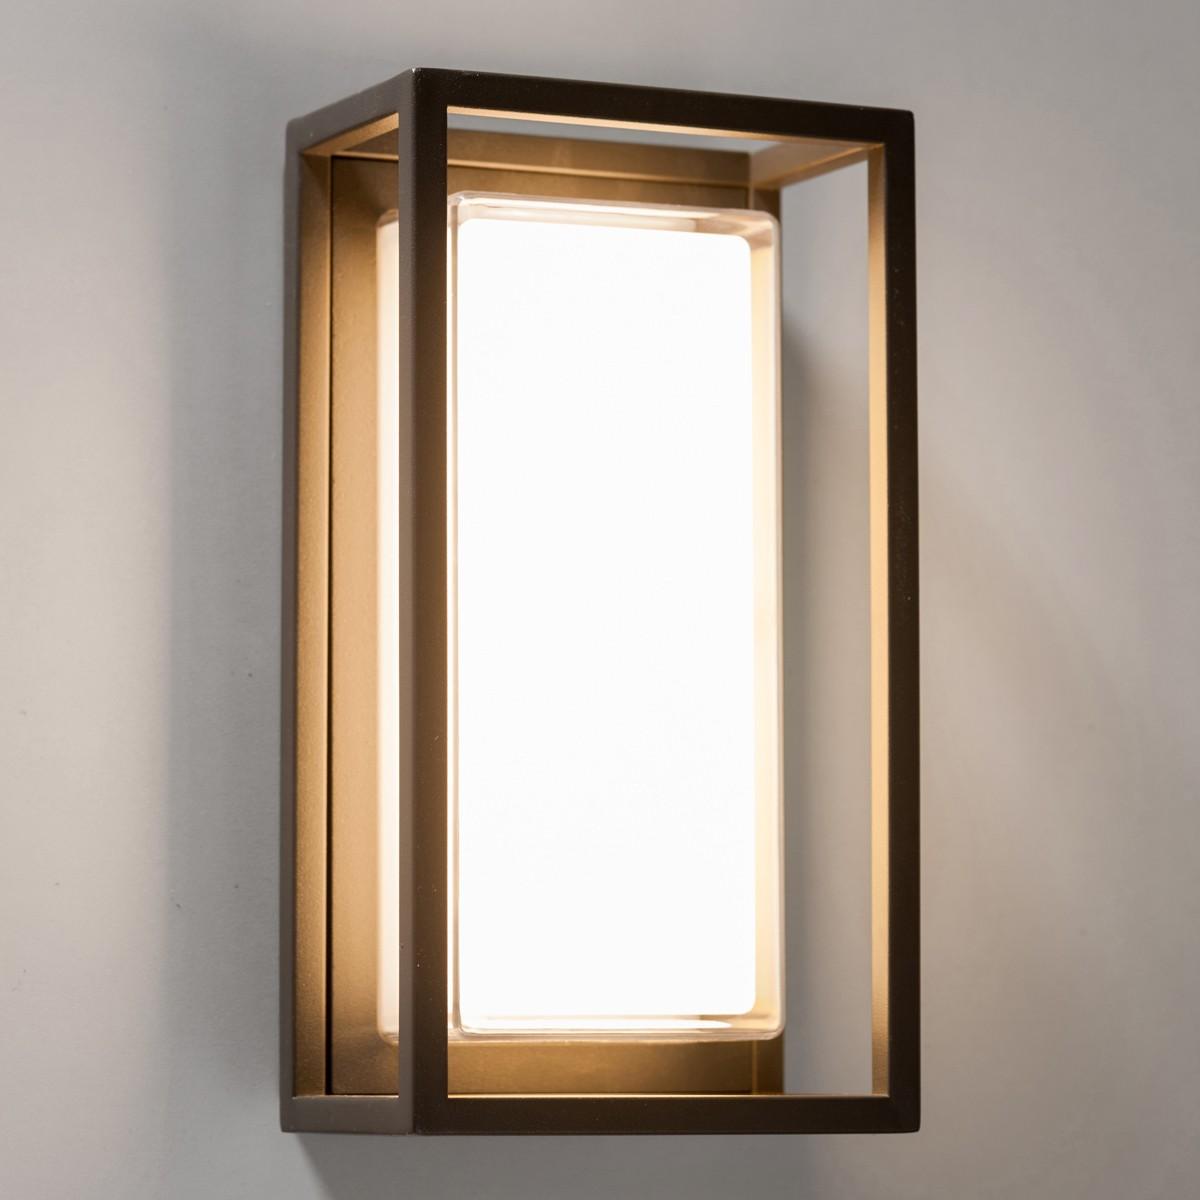 Lupia Licht Quadro W Außenwandleuchte, 15 x 28 cm, anthrazit